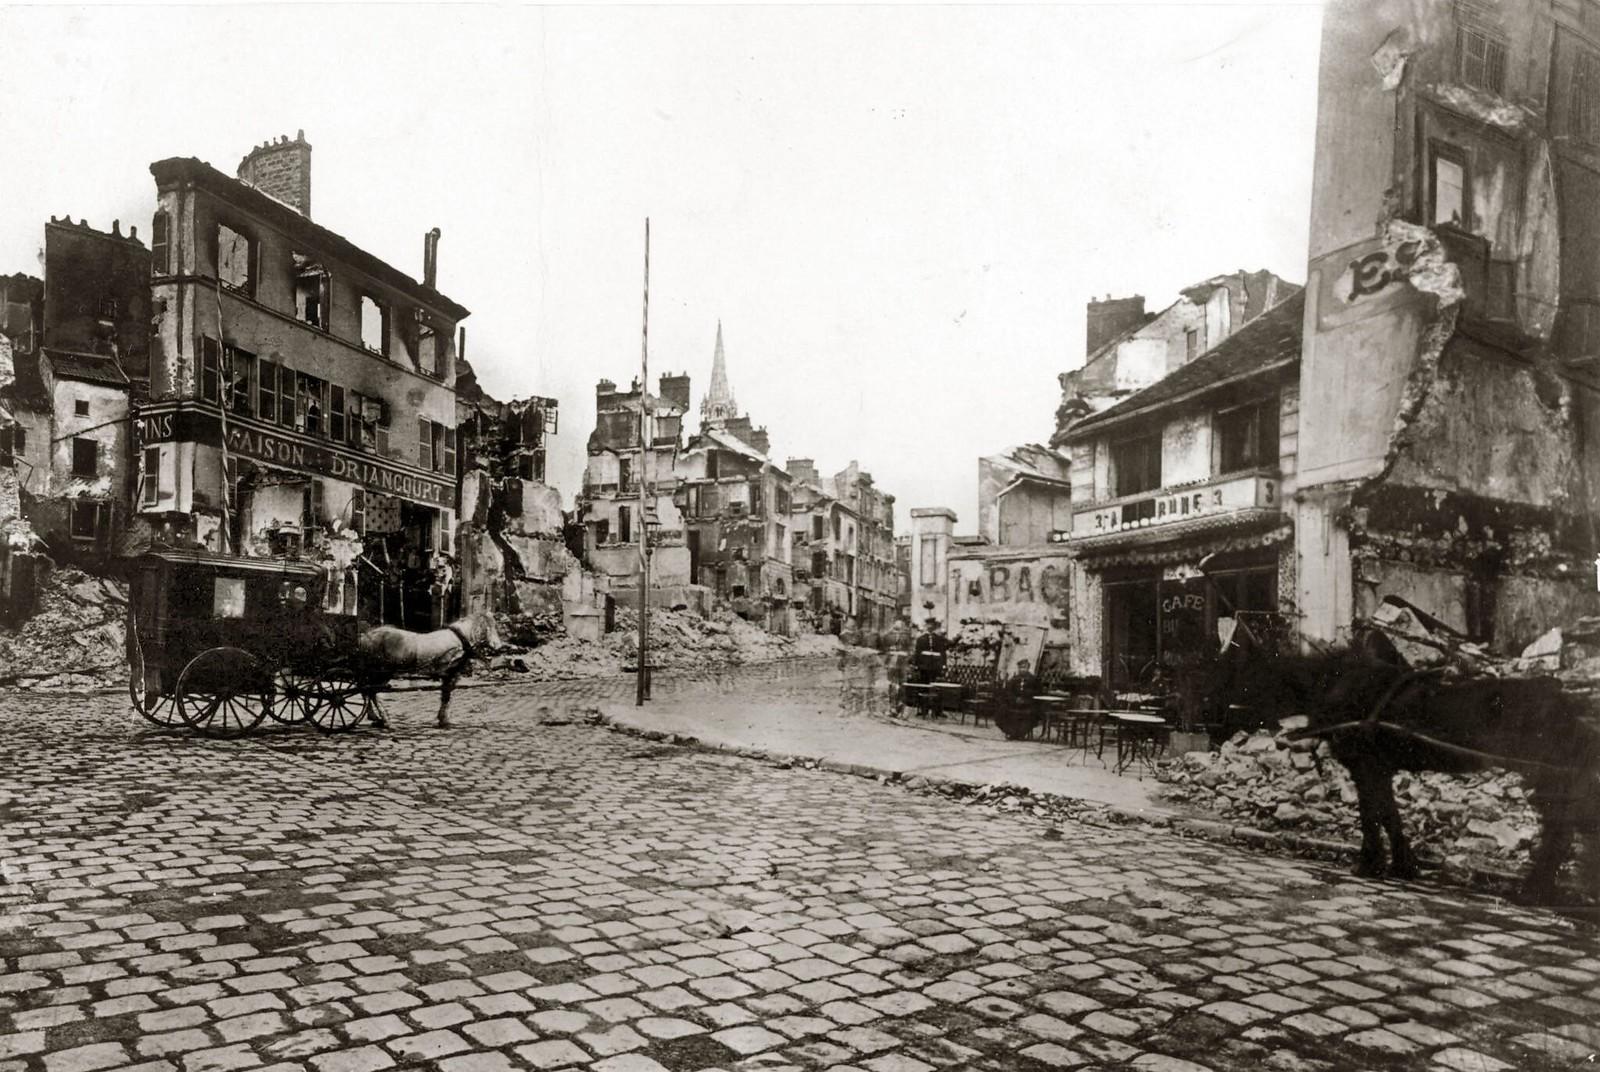 18. 1871. Пригород Санкт-Клауд в Париже был снесен после капитуляции Парижа